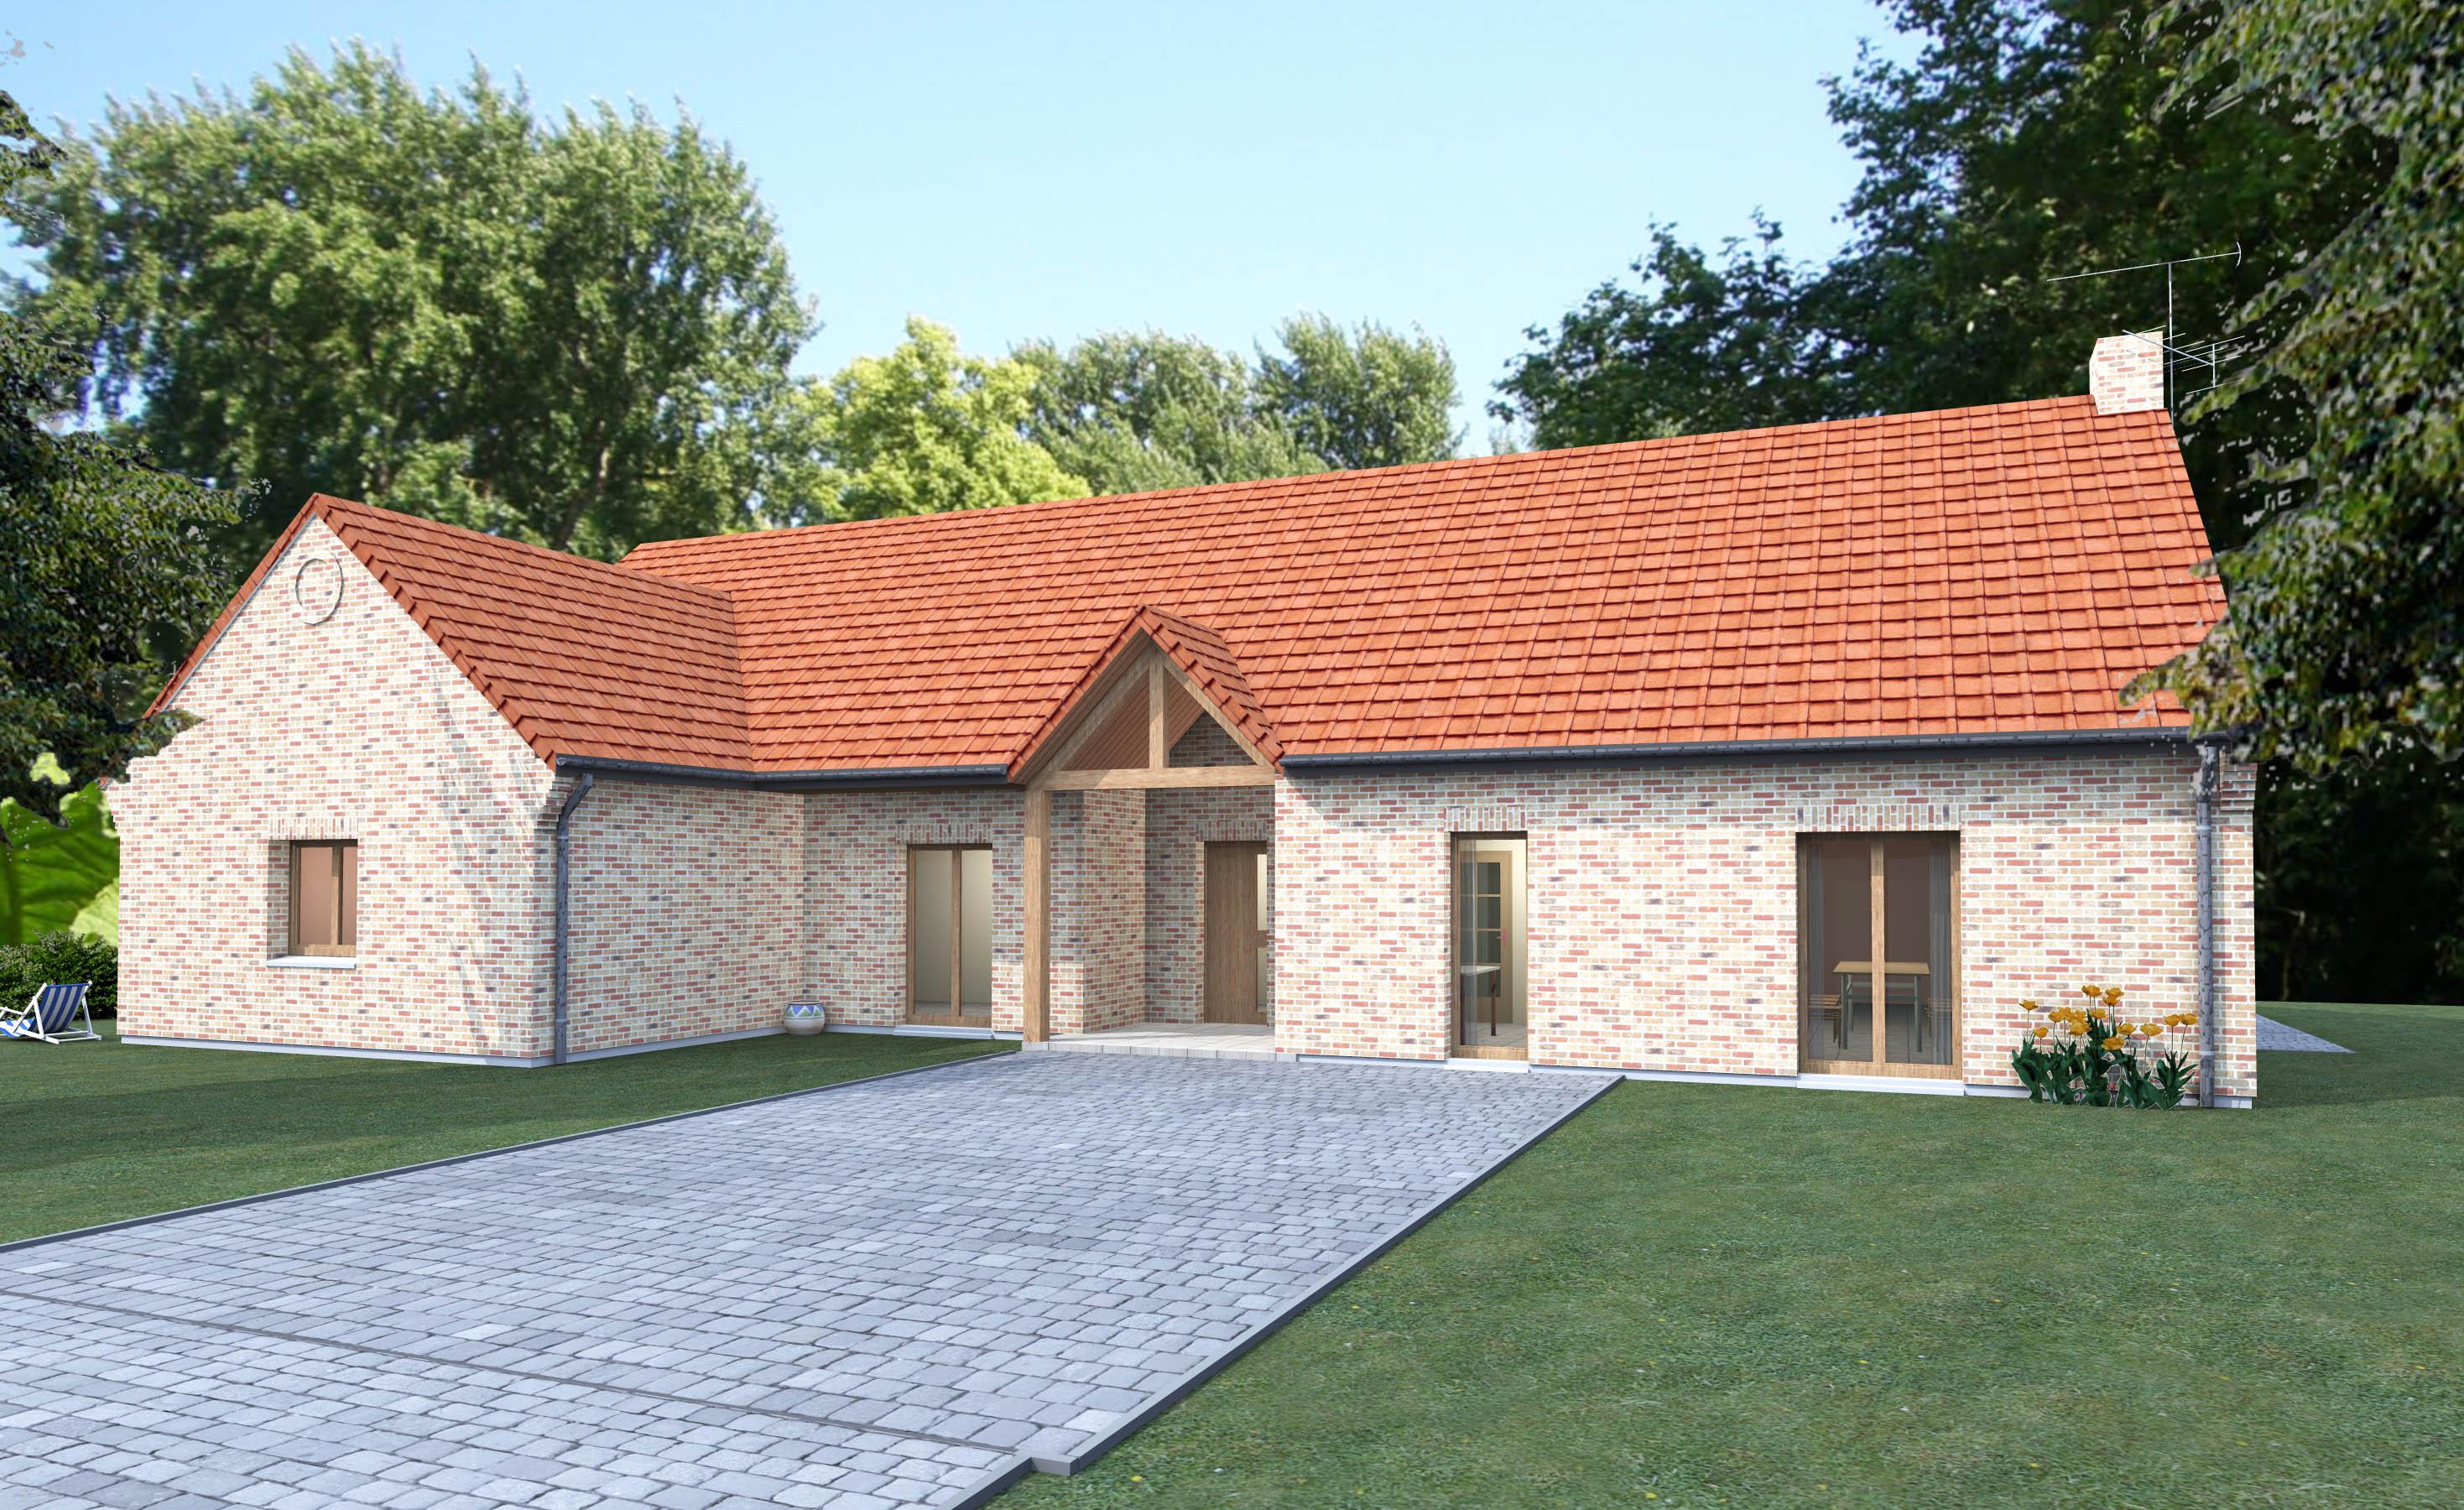 Modle de maison construire great modele de maison a for Modele de maison a construire